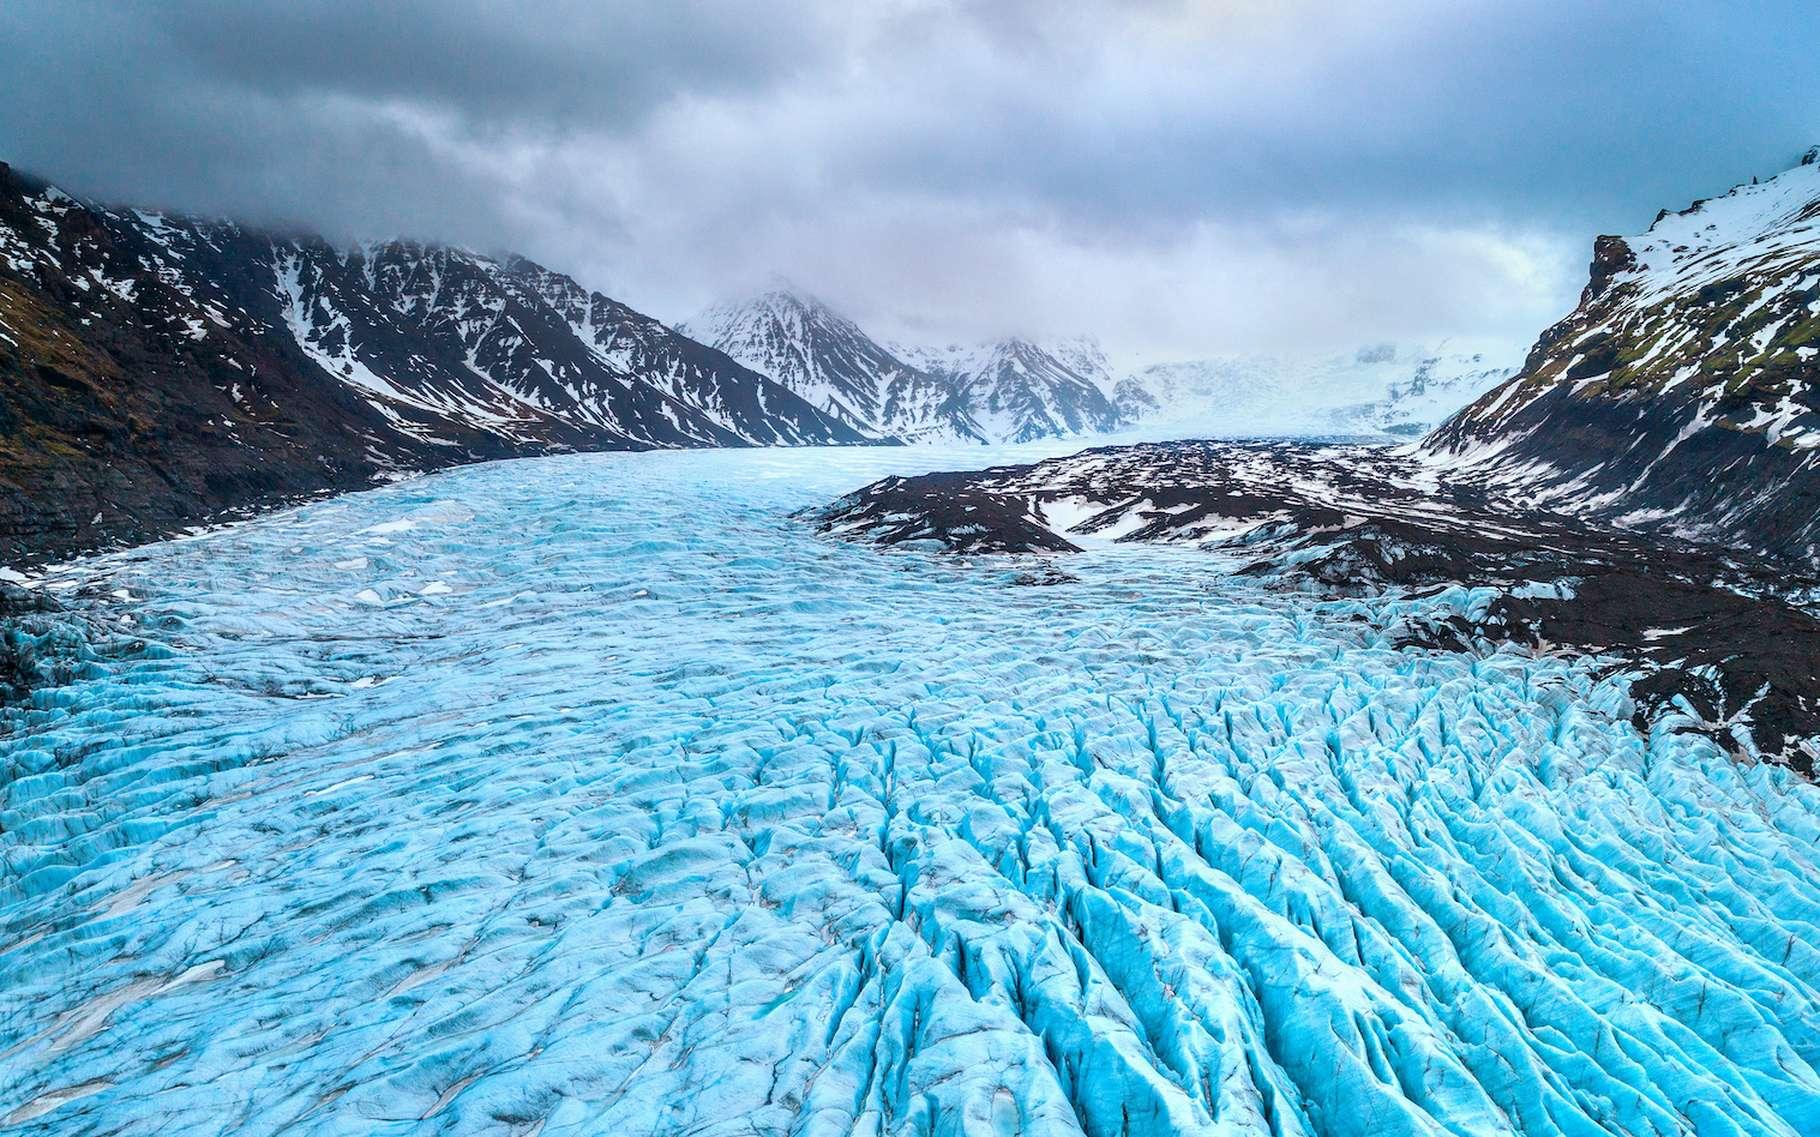 les glaciers fondent plus vite que jamais dans le monde entier